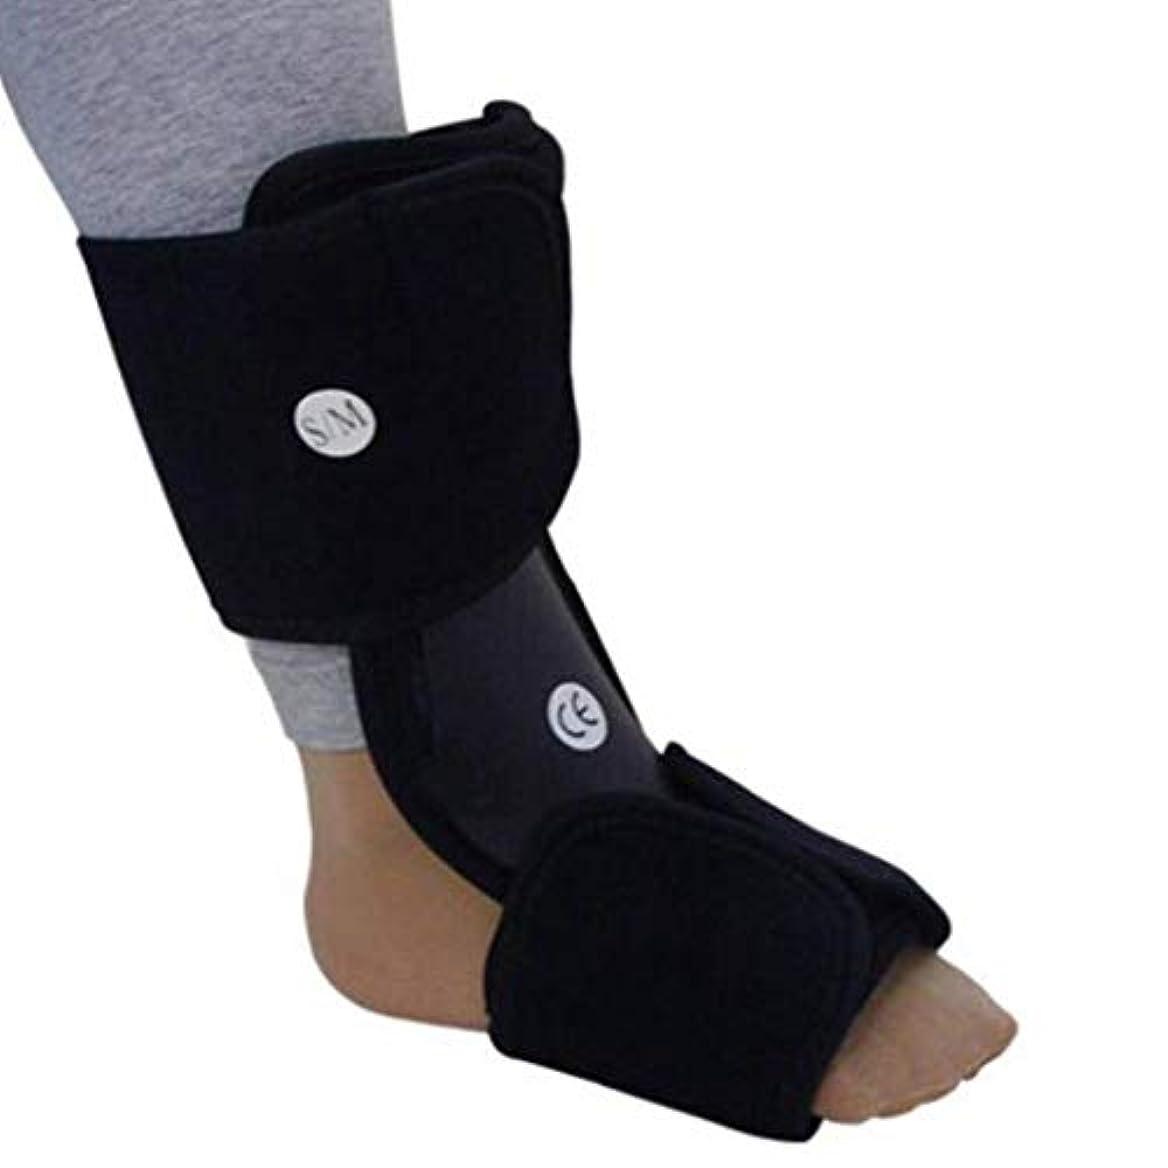 ワンダー知恵透明に足首レッグストラップサポート足装具補正足底スプリント固定プロテクター足首の痛みを軽減し、捻rainを復元 (Size : S)